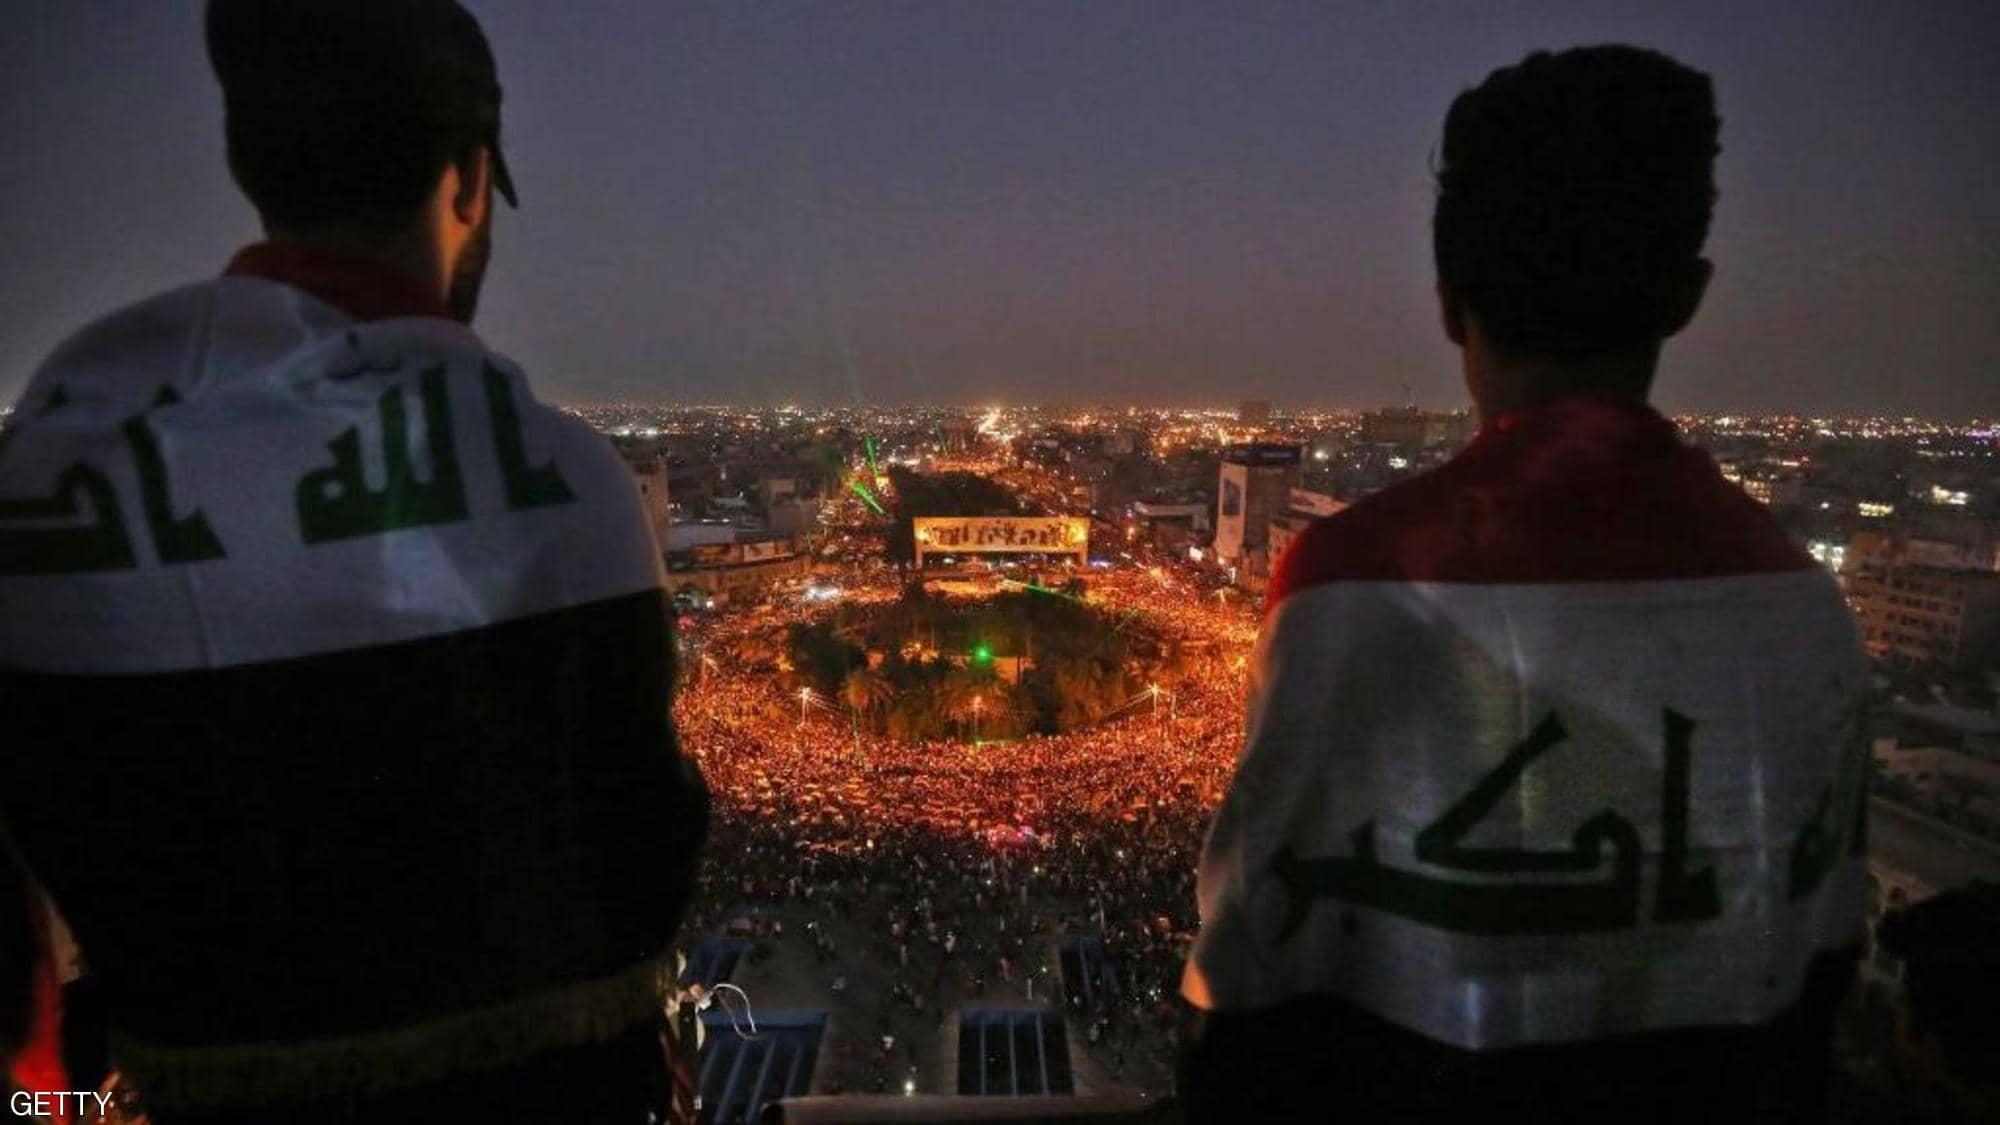 يوم دامٍ بالعراق.. 13 قتيلاً وعشرات الجرحى، ومظاهرات في 10 محافظات